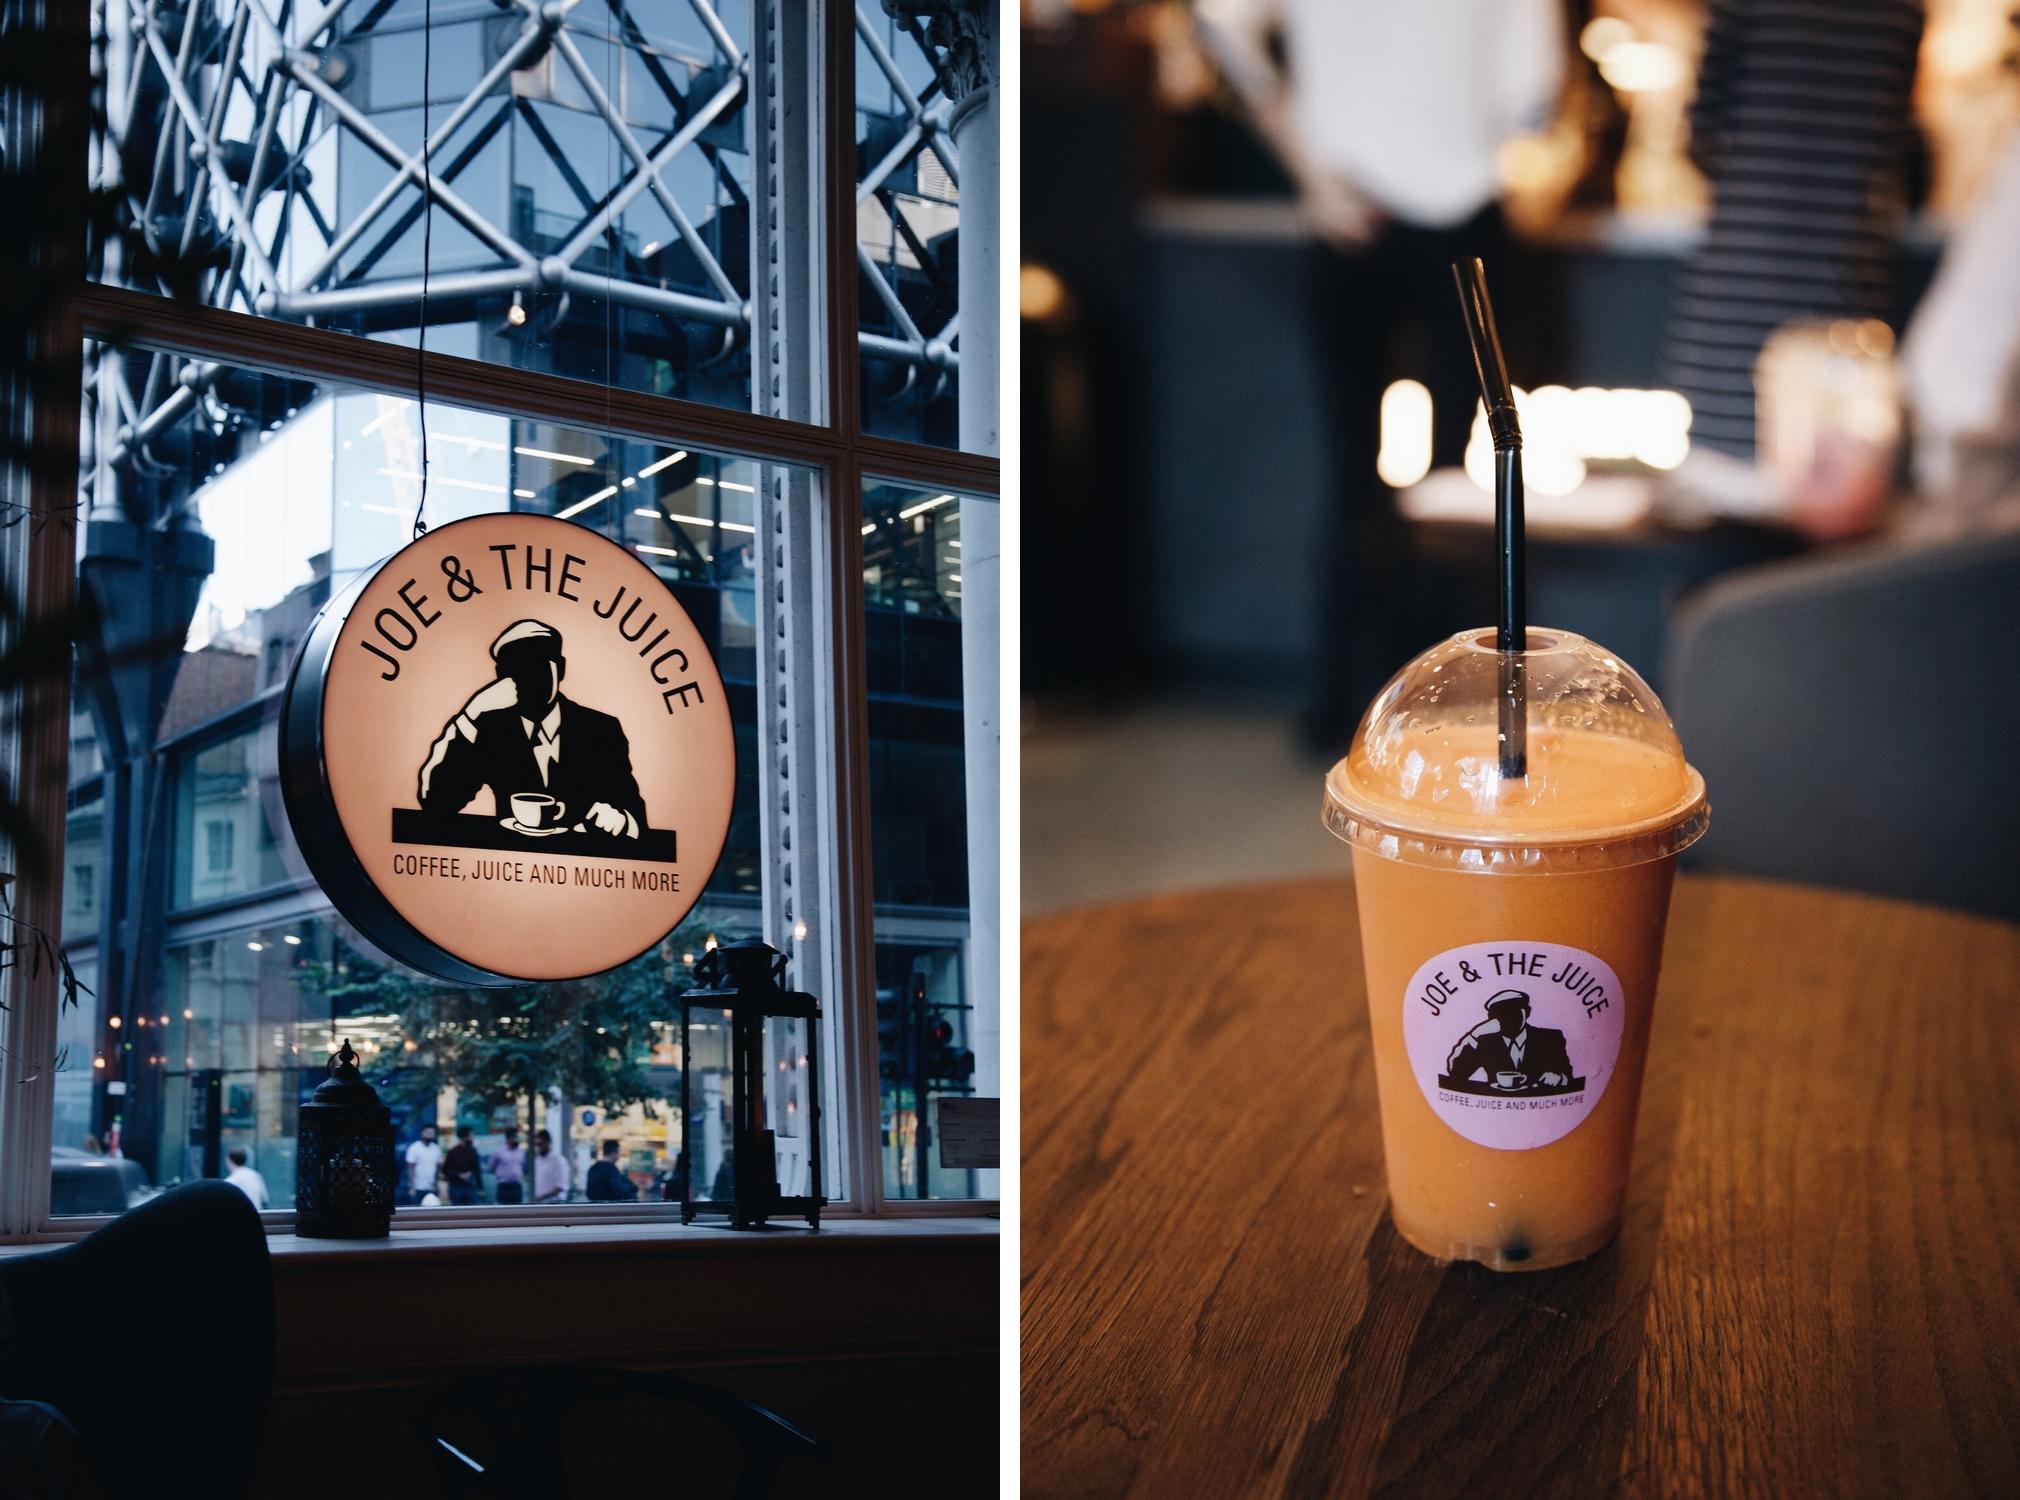 Une pause jus de fruits chez Joe & The Juice (le Starbucks des jus)